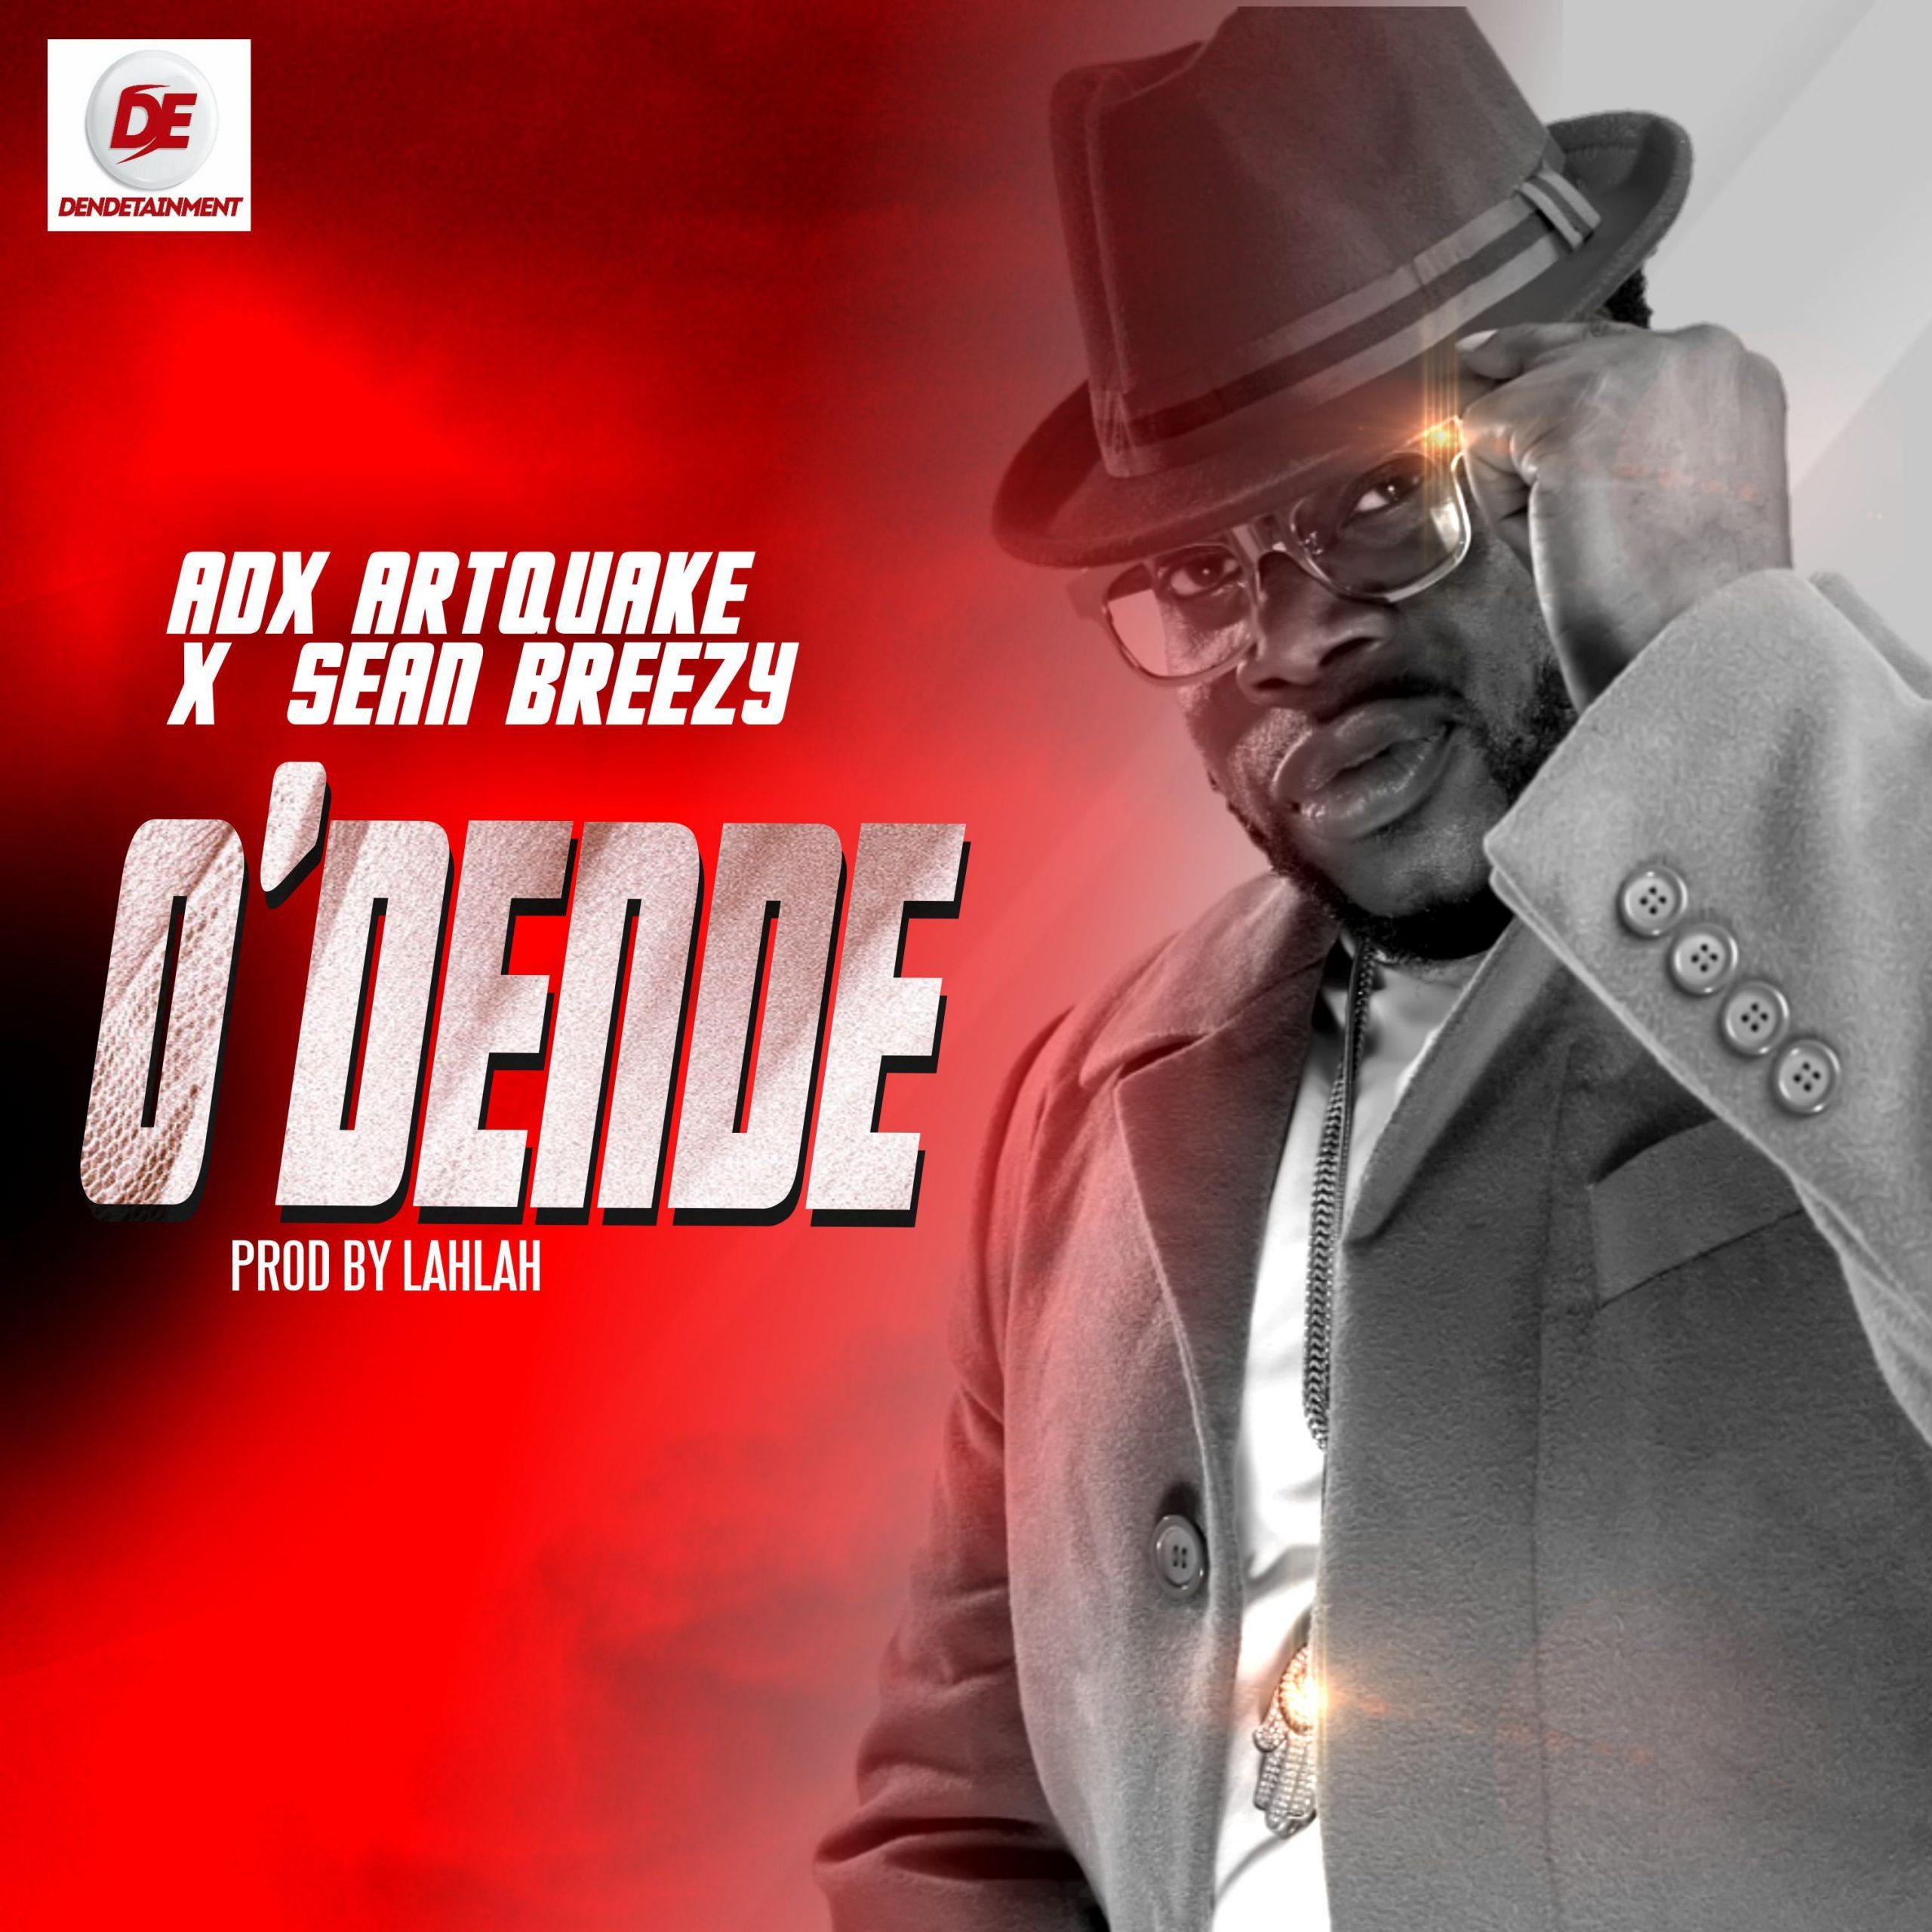 Adx Artquake x Sean Breezy – O'Dende mp3 download